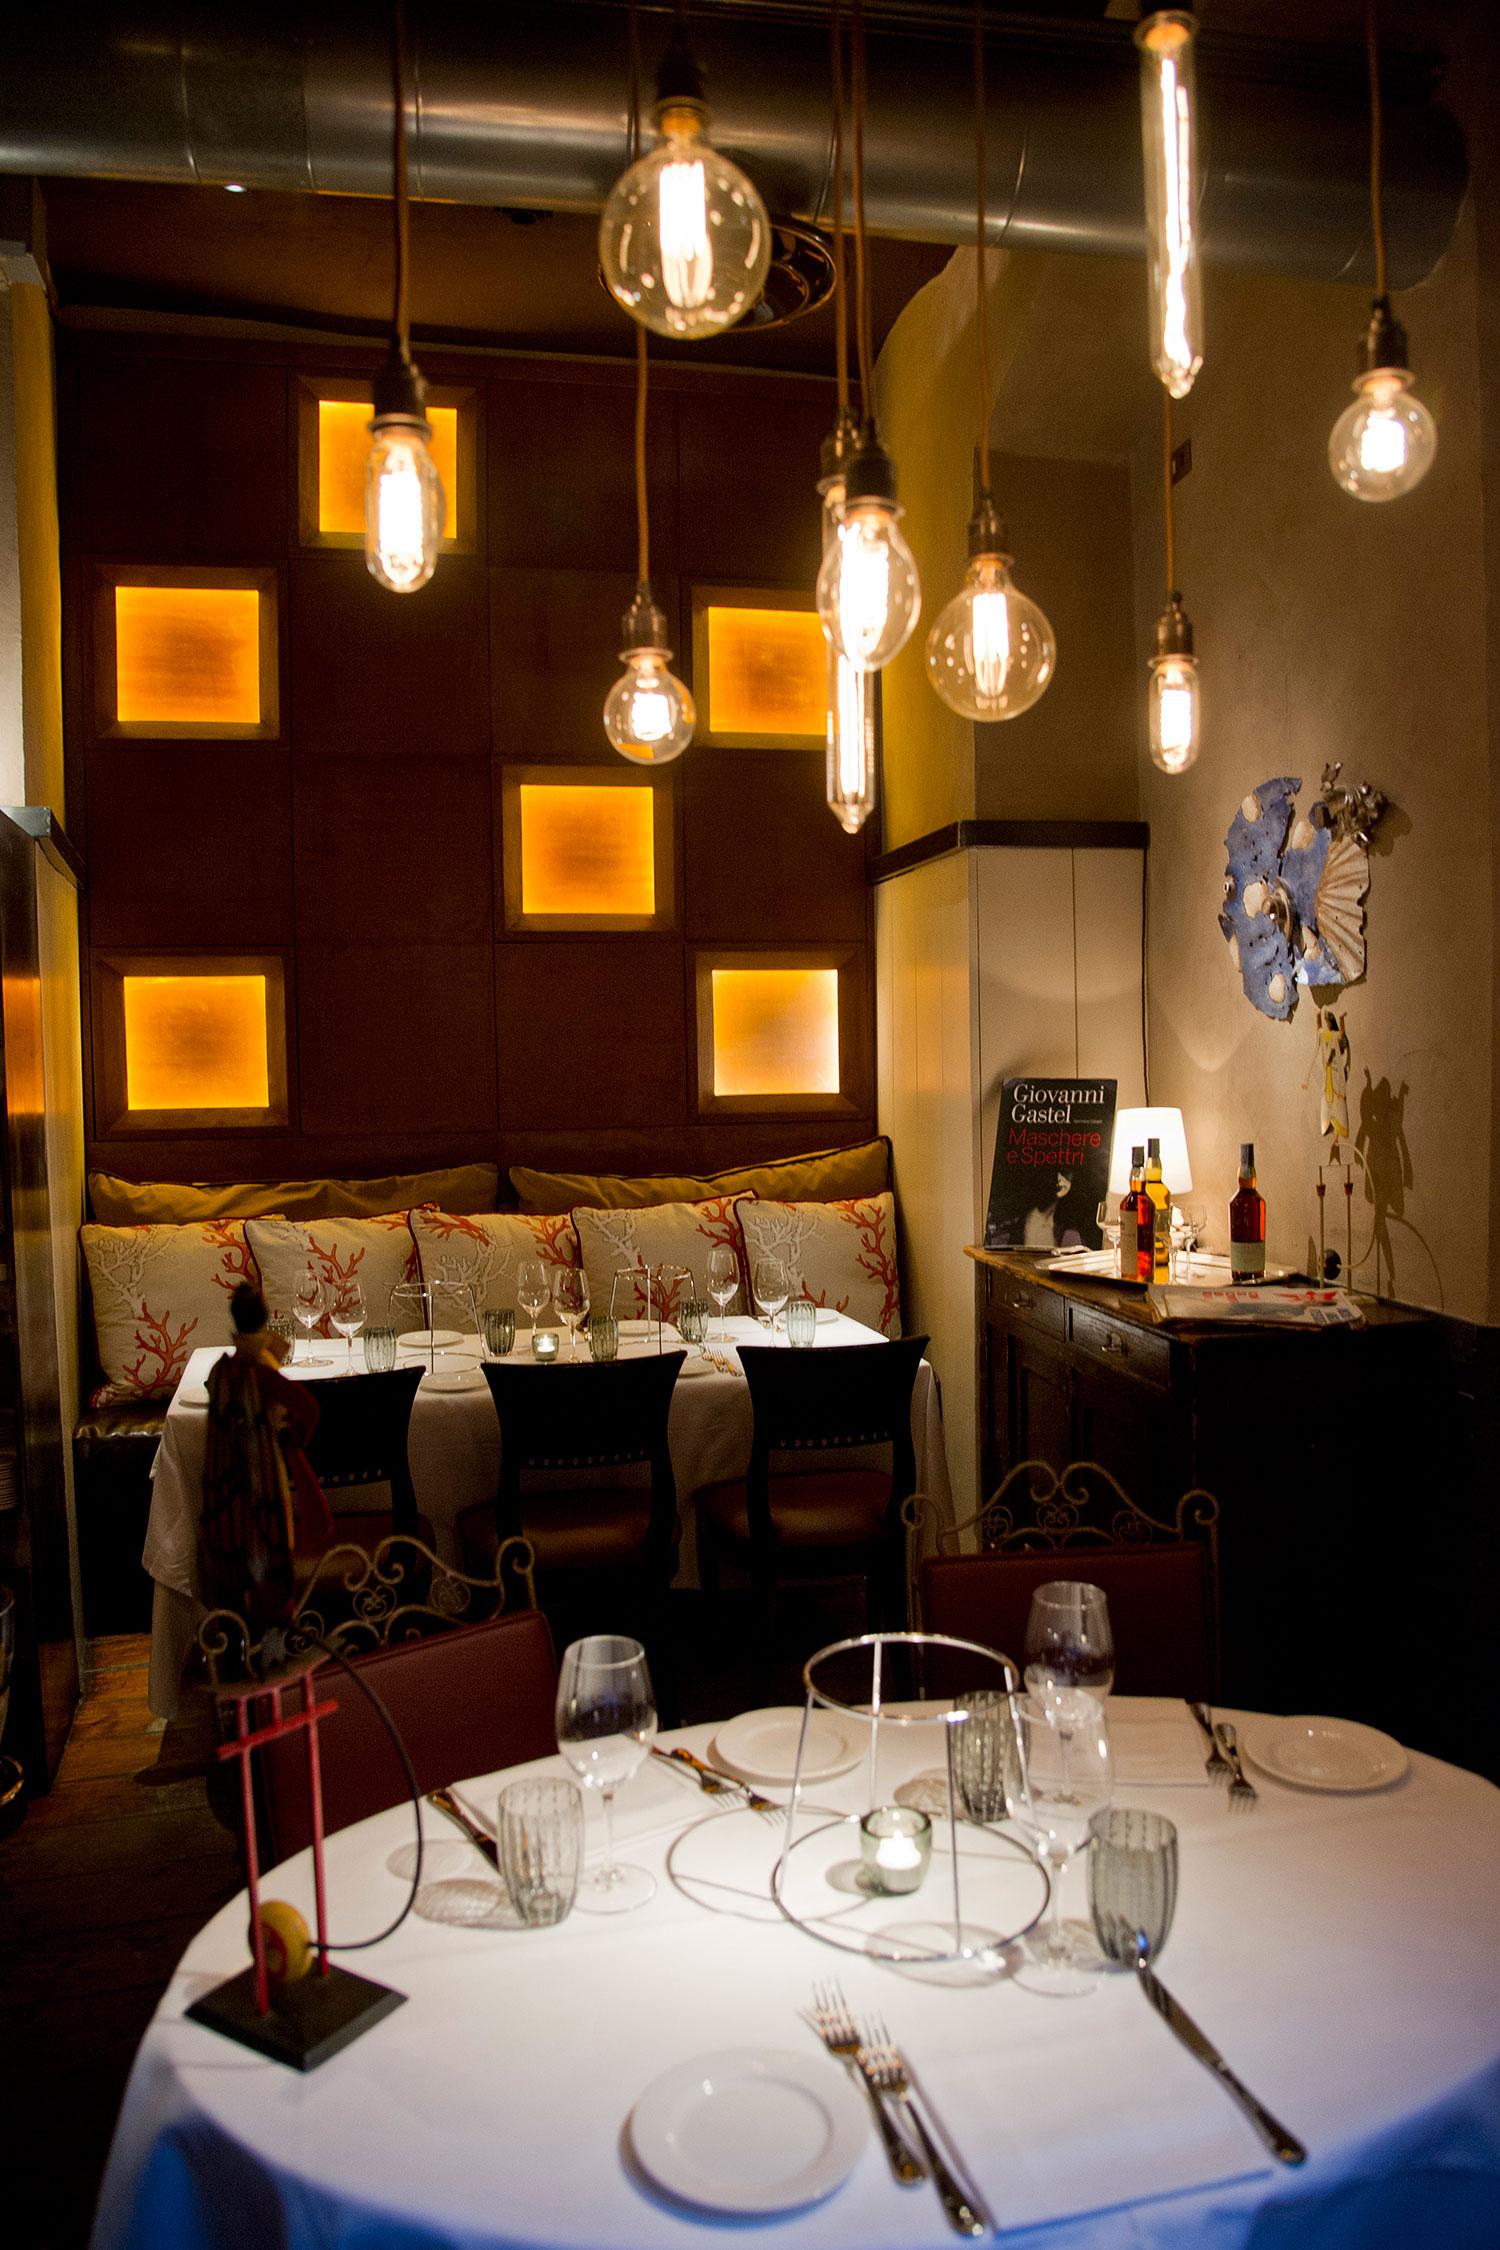 Ristorante langosteria 10 cannata factory - Illuminazione sala pranzo ...